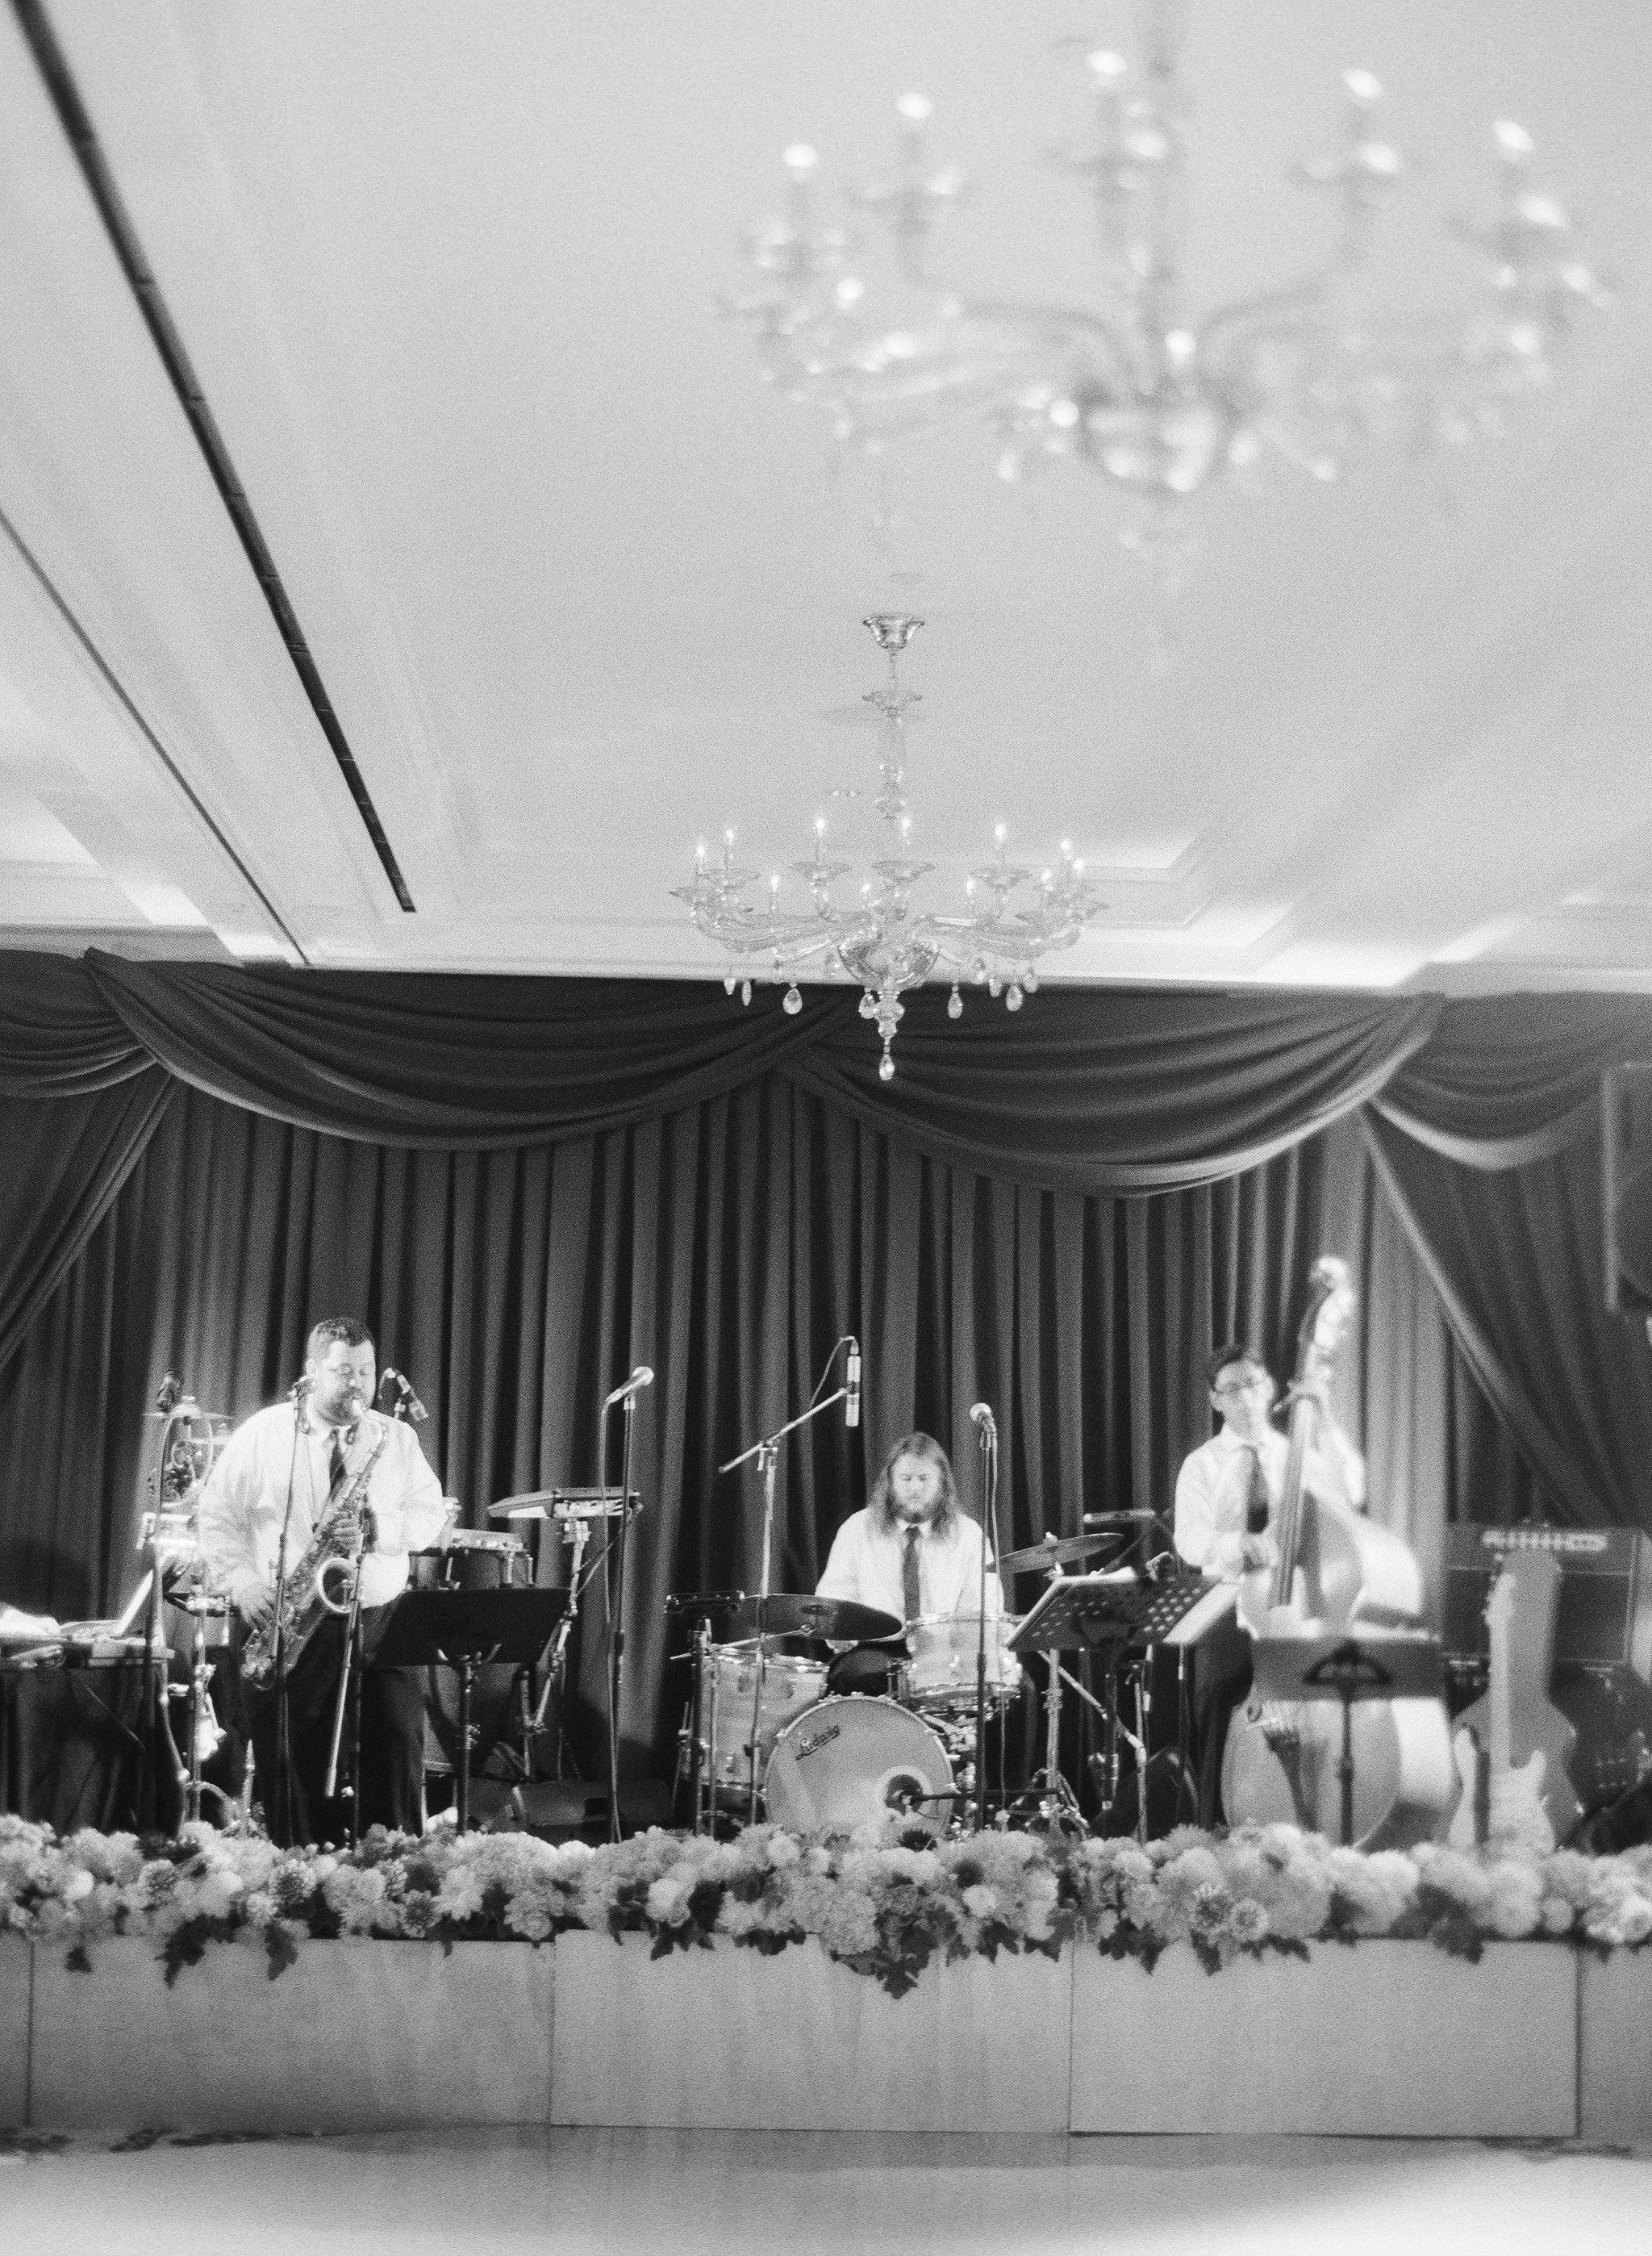 santabarbarawedding.com | Belmond El Encanto | Magnolia Event Design | Jose Villa | Wedding Band